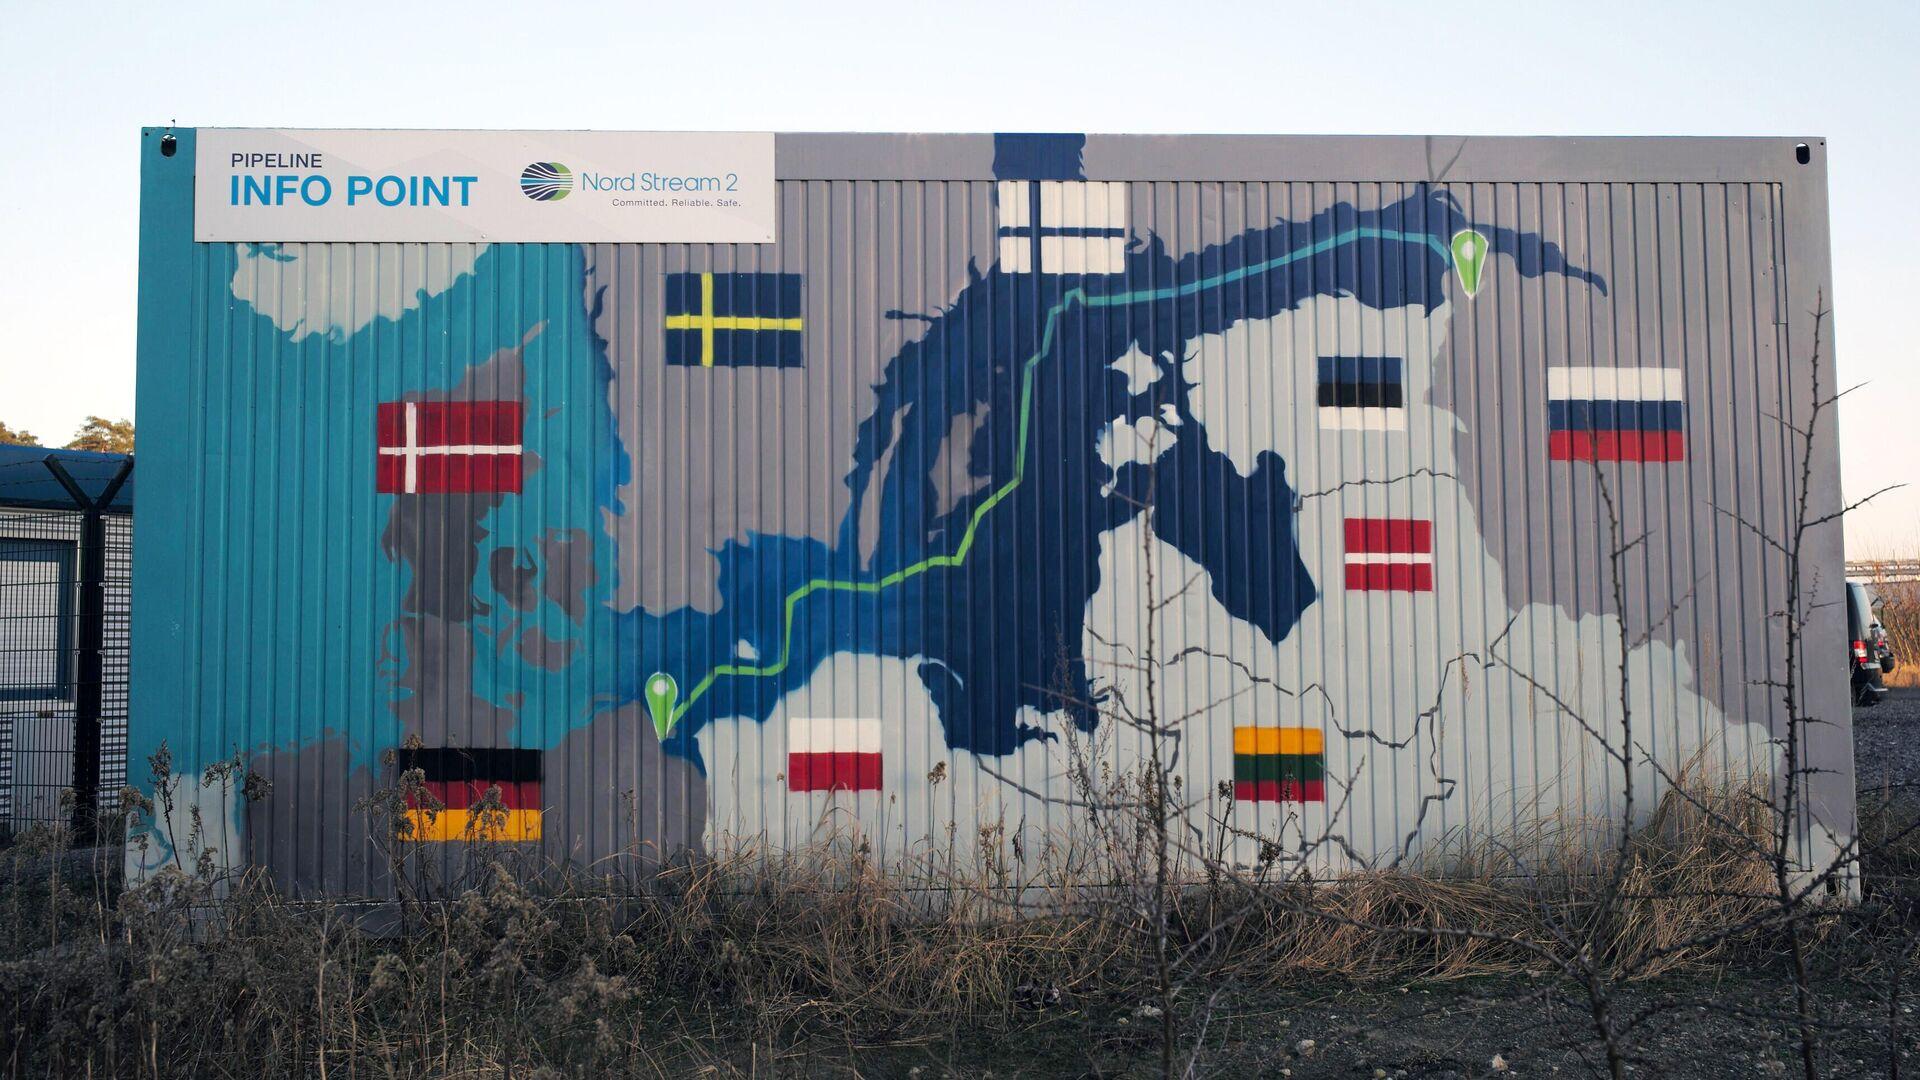 Береговые объекты газопровода Северный поток - 2 в городе Любмин в Германии - РИА Новости, 1920, 26.02.2021